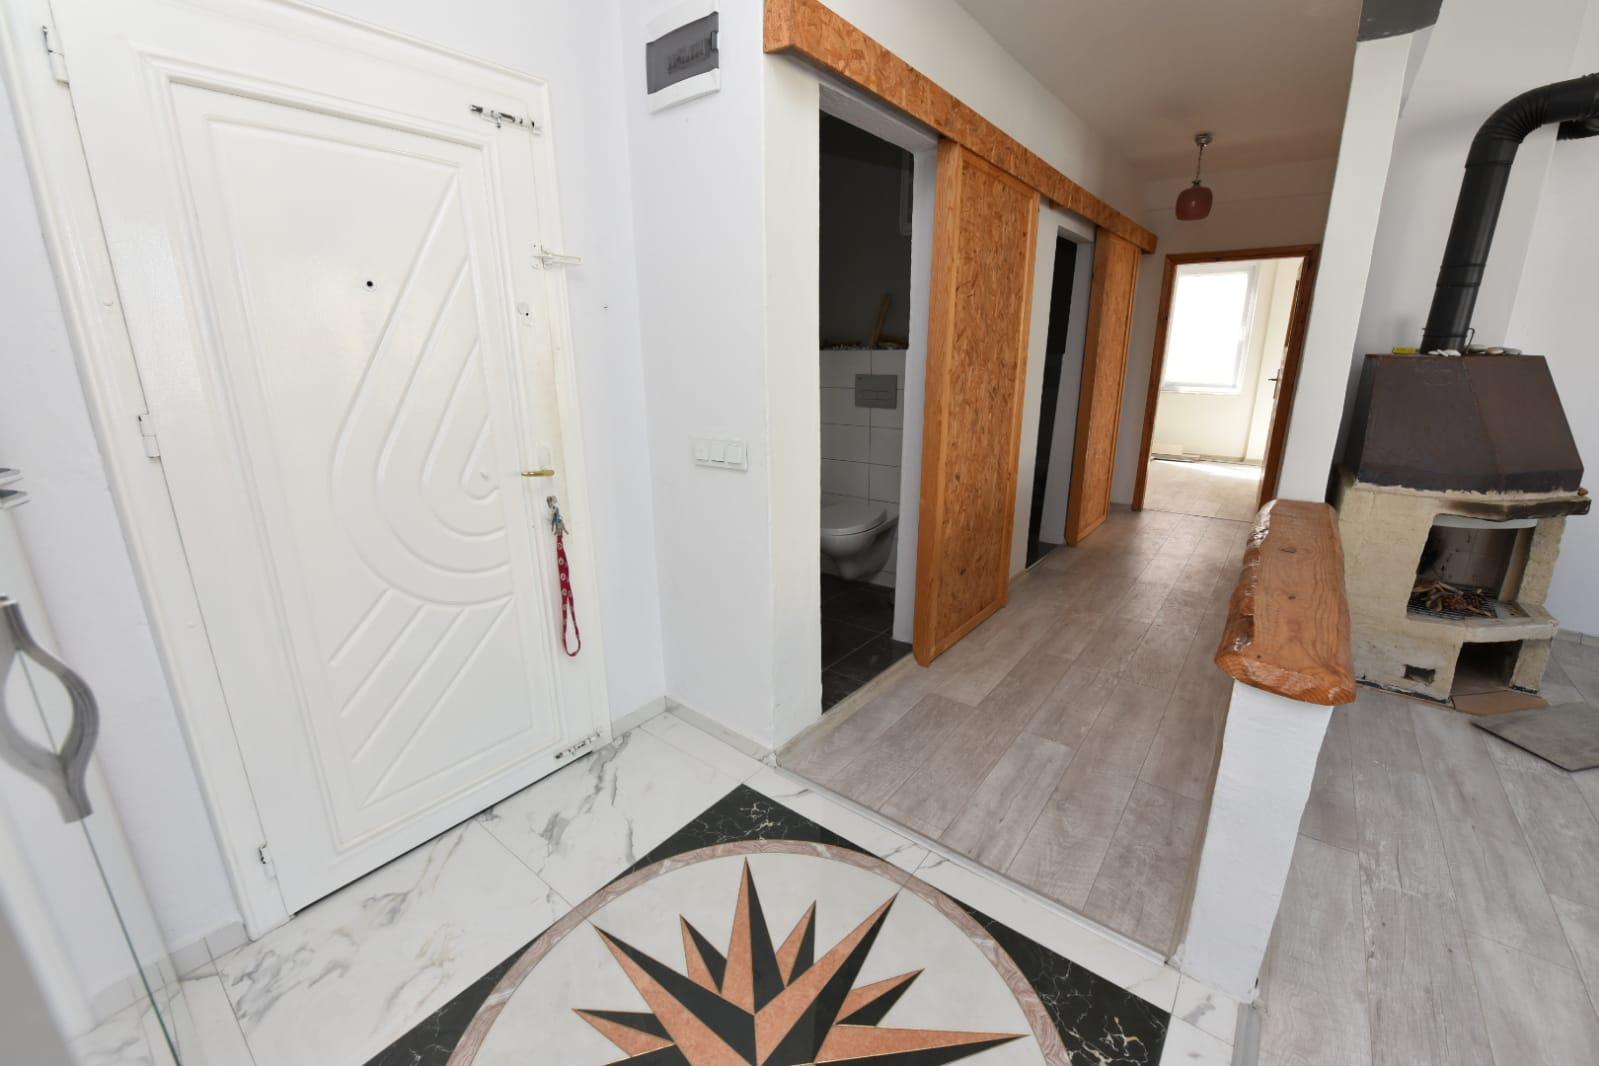 Трёхкомнатная квартира у пляжа Клеопатры по очень приятной цене - Фото 1